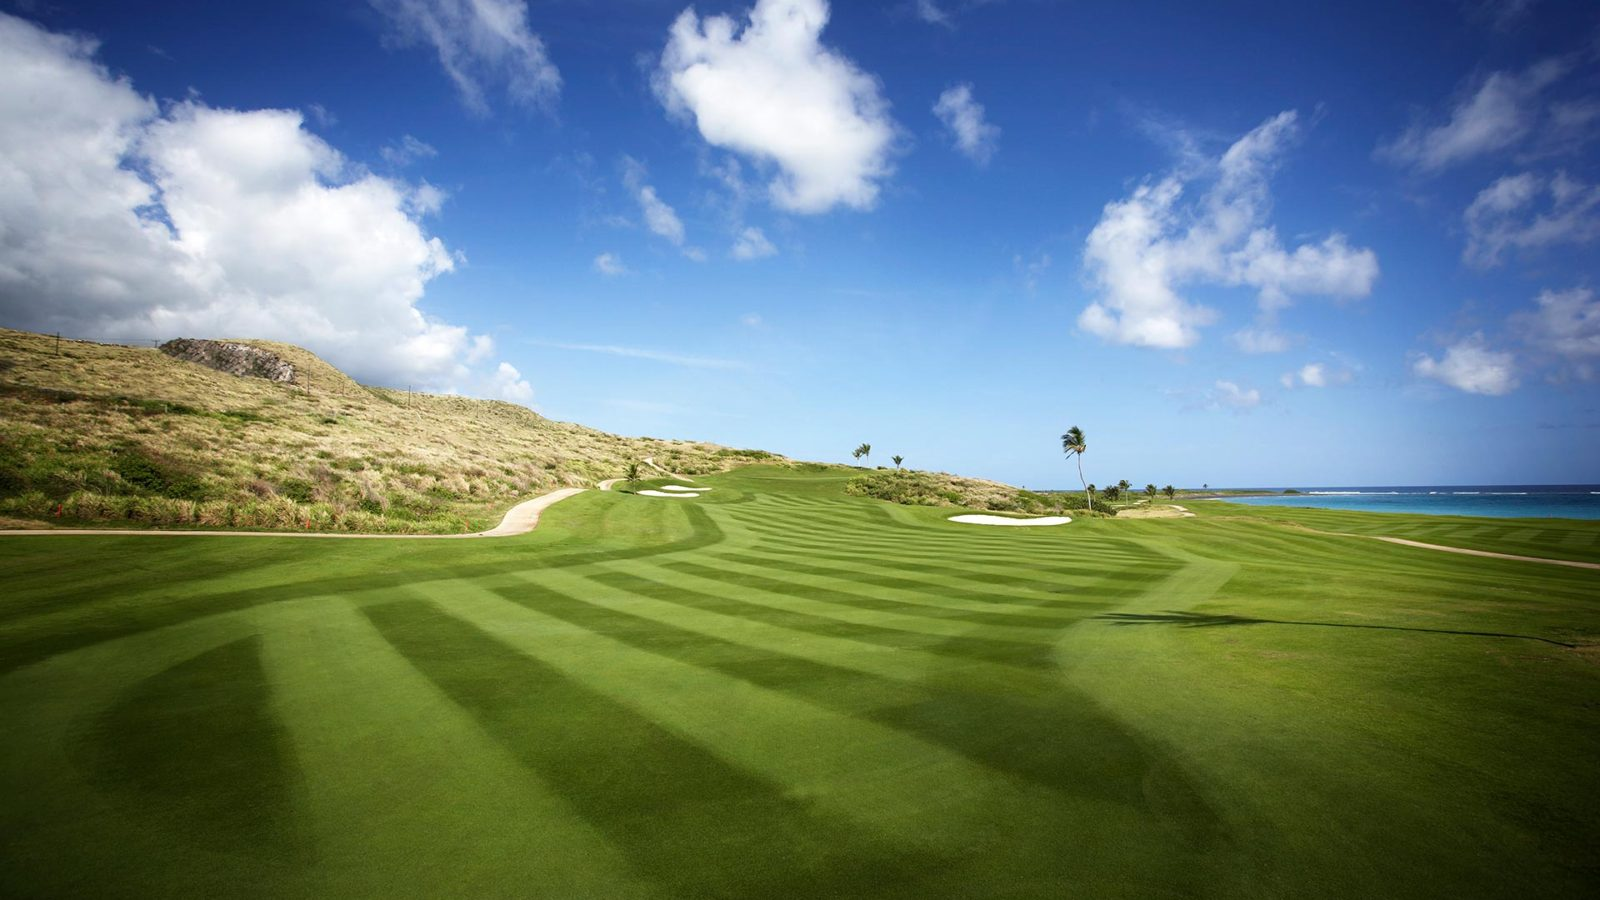 Royal-St.-Kitts-Golf-Club